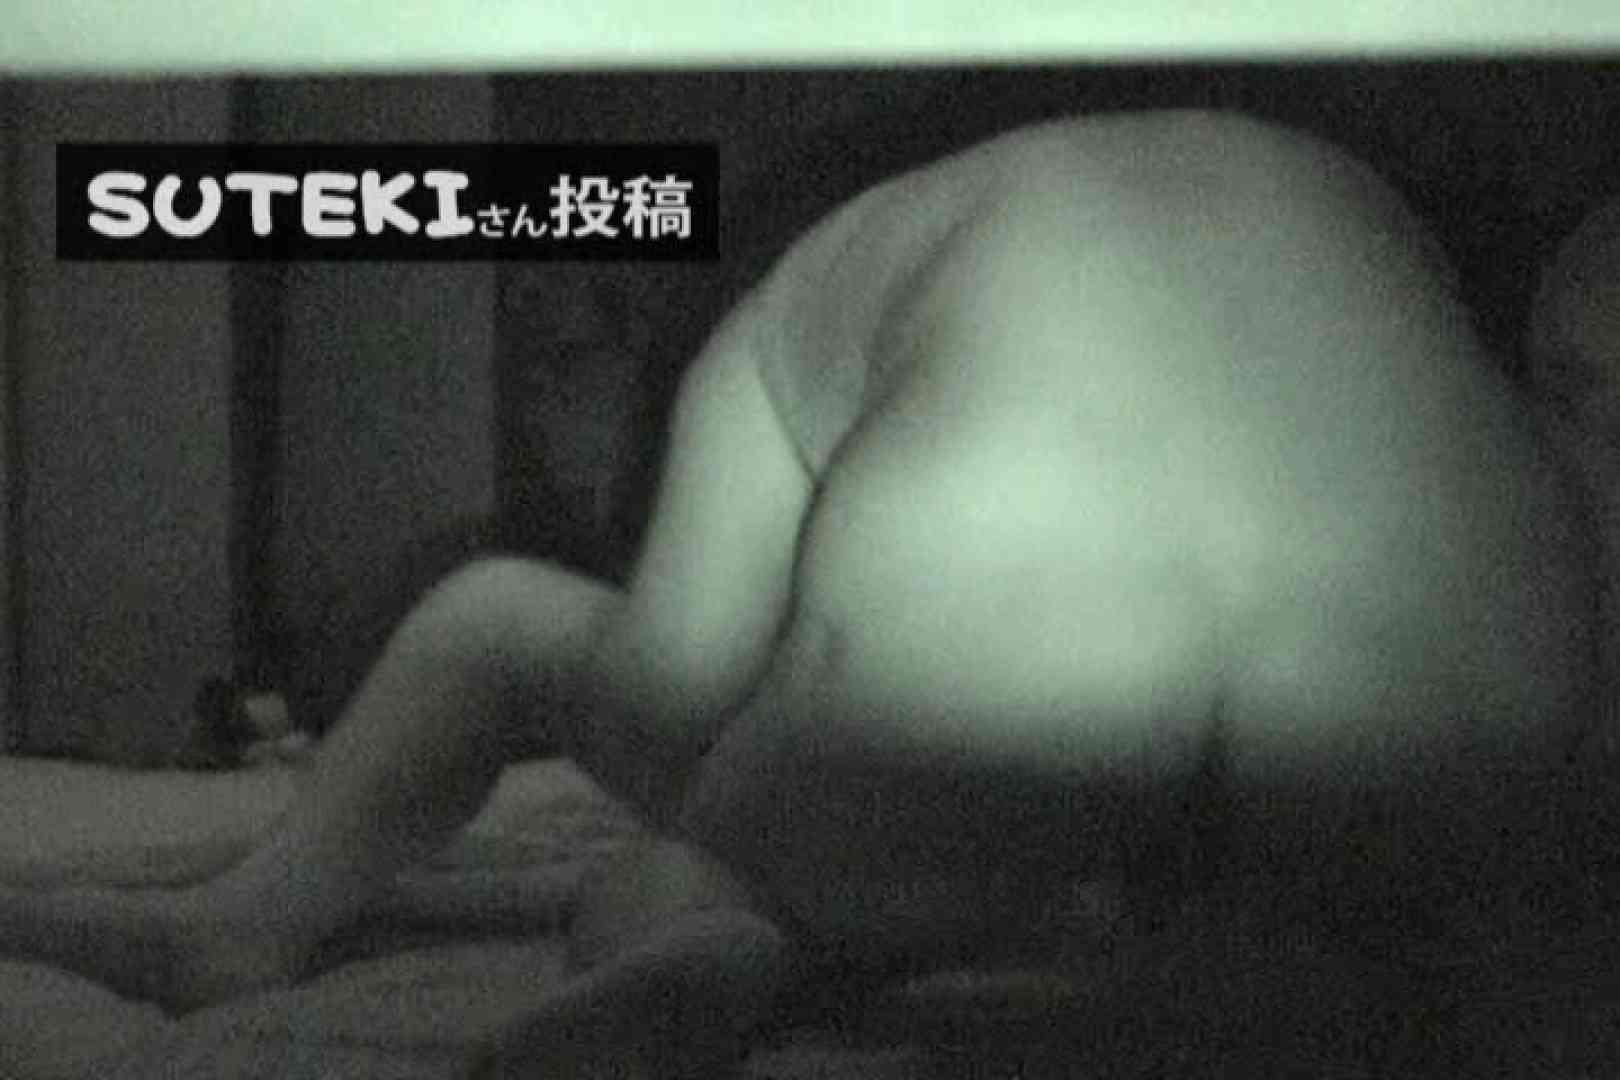 SUTEKIさん投稿 ナイトショット 盗撮大放出 盗み撮り動画 93連発 35